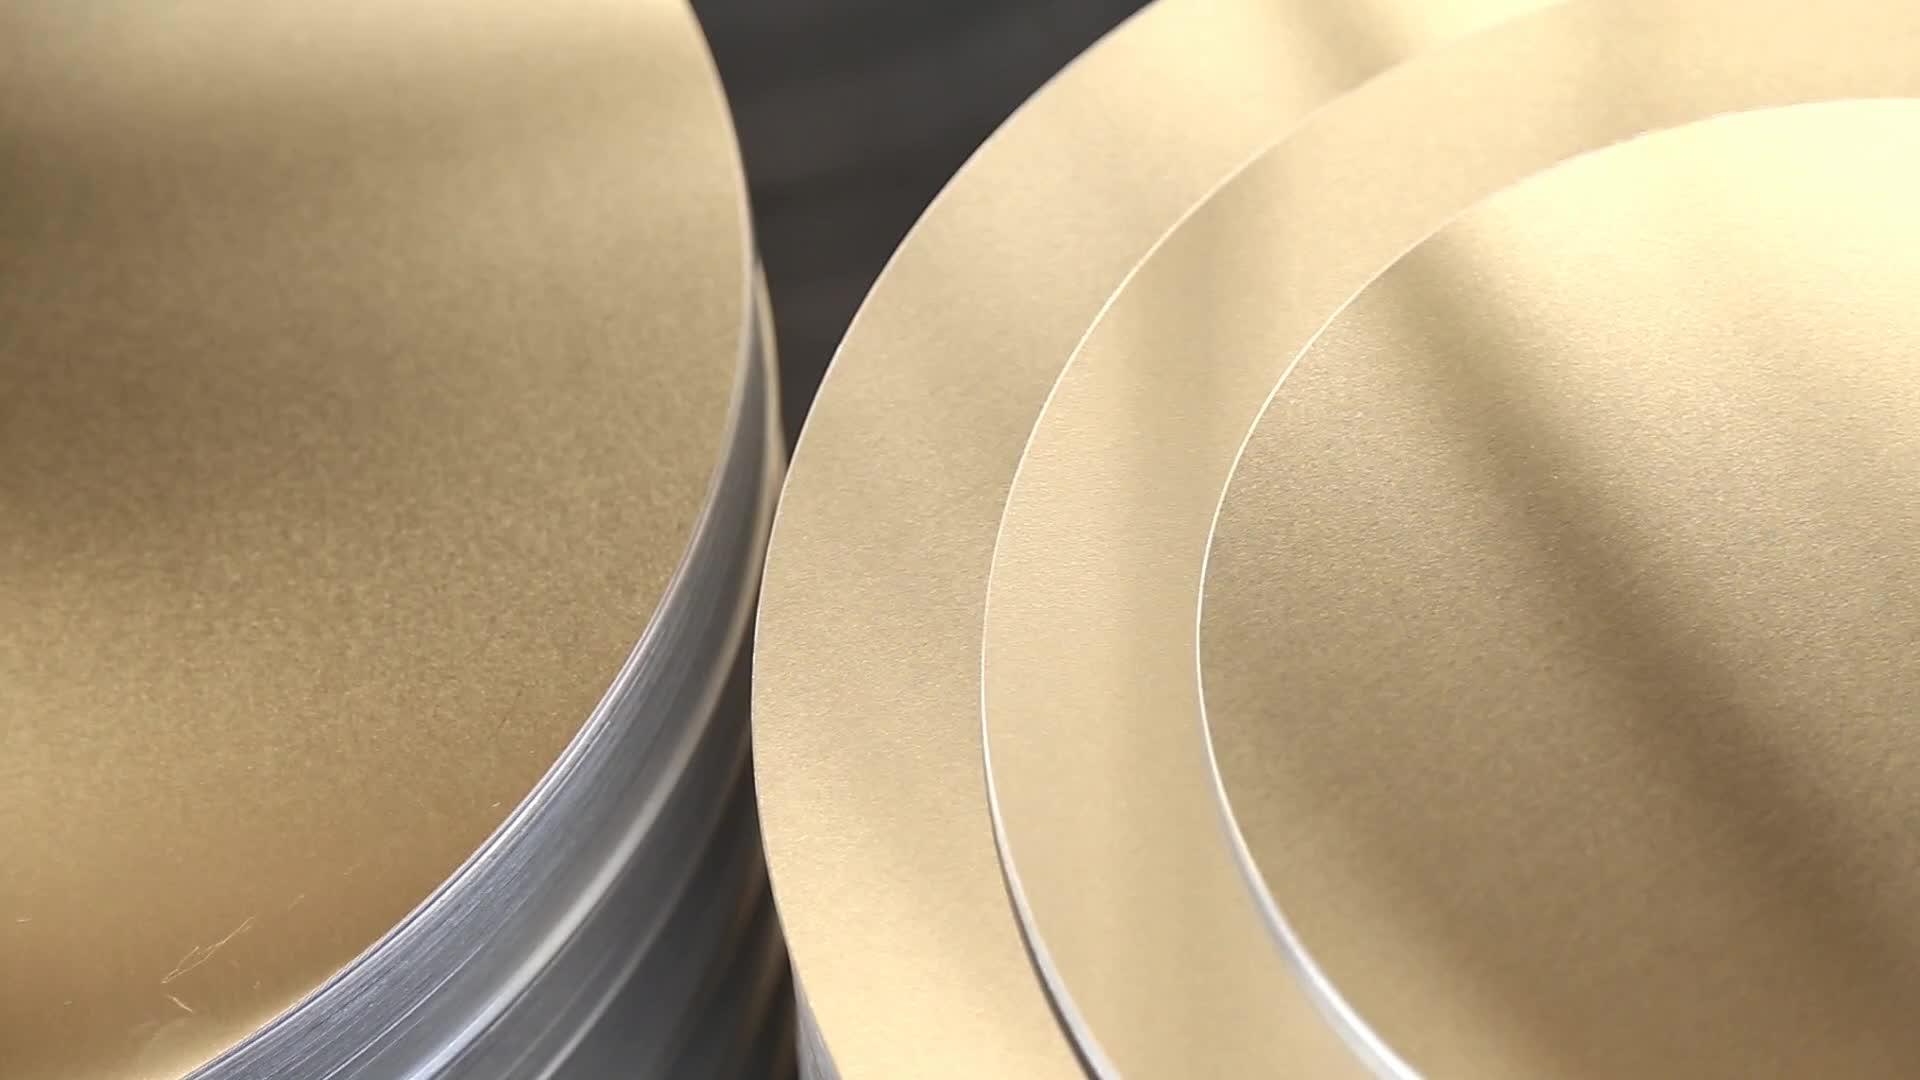 1050 3003 3004 5052 O H14 H32 Não-pau placa Círculo de Alumínio para fogão elétrico//vasos de pressão fogão